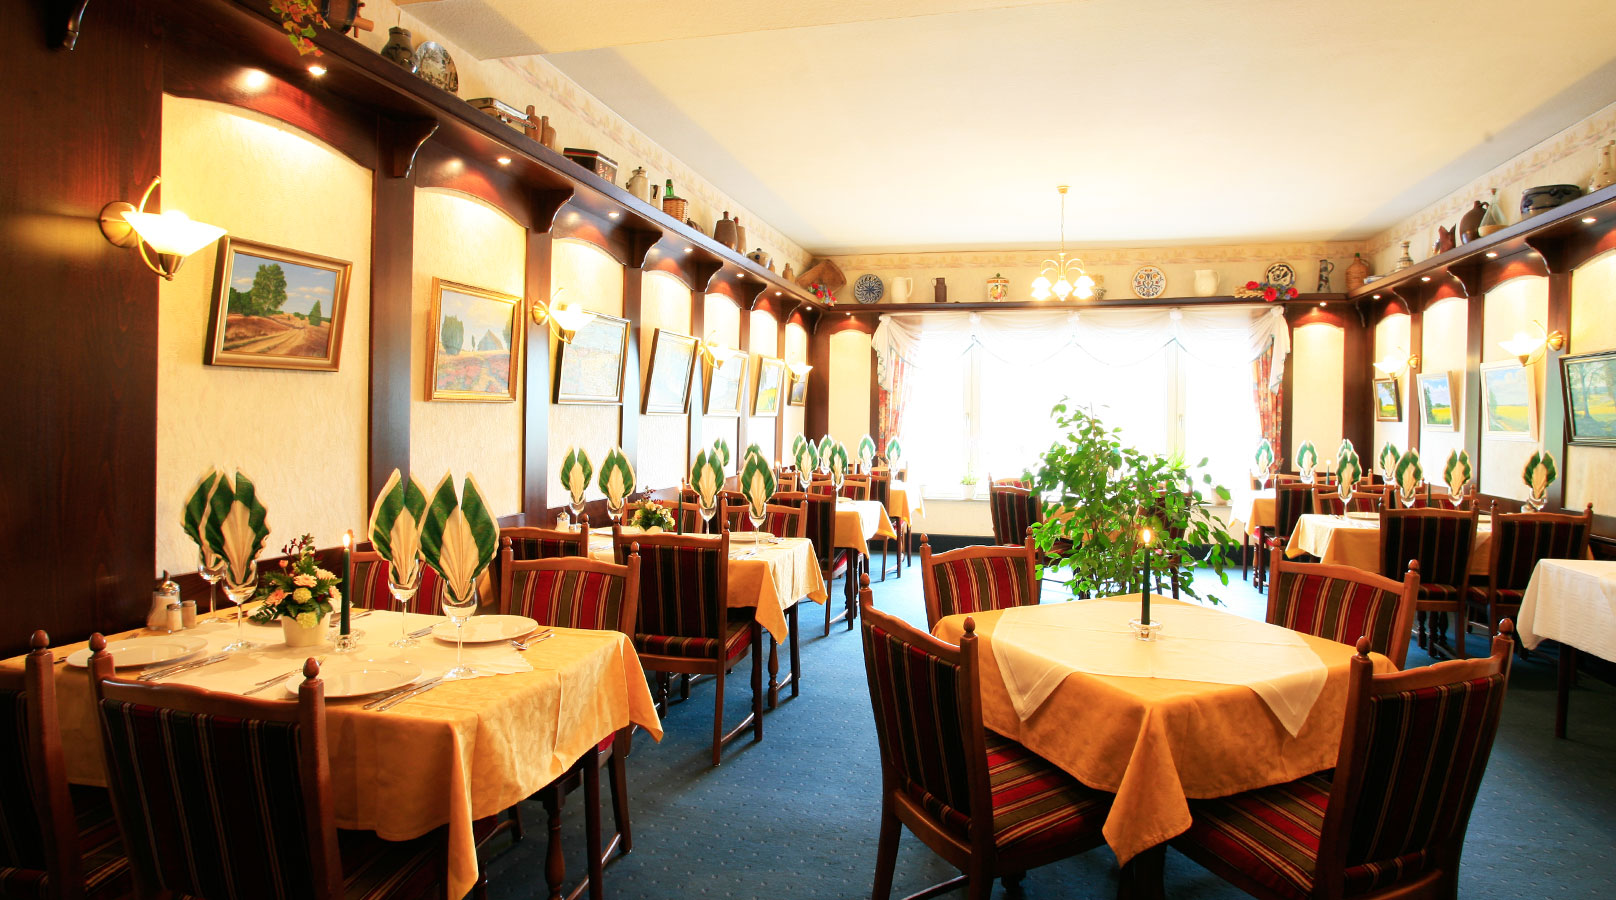 Auch unser Heidezimmer steht Ihnen als separates Restaurant zur Verfügung. Ideal für ein Essen à la carte oder eine kleinere Veranstaltung.